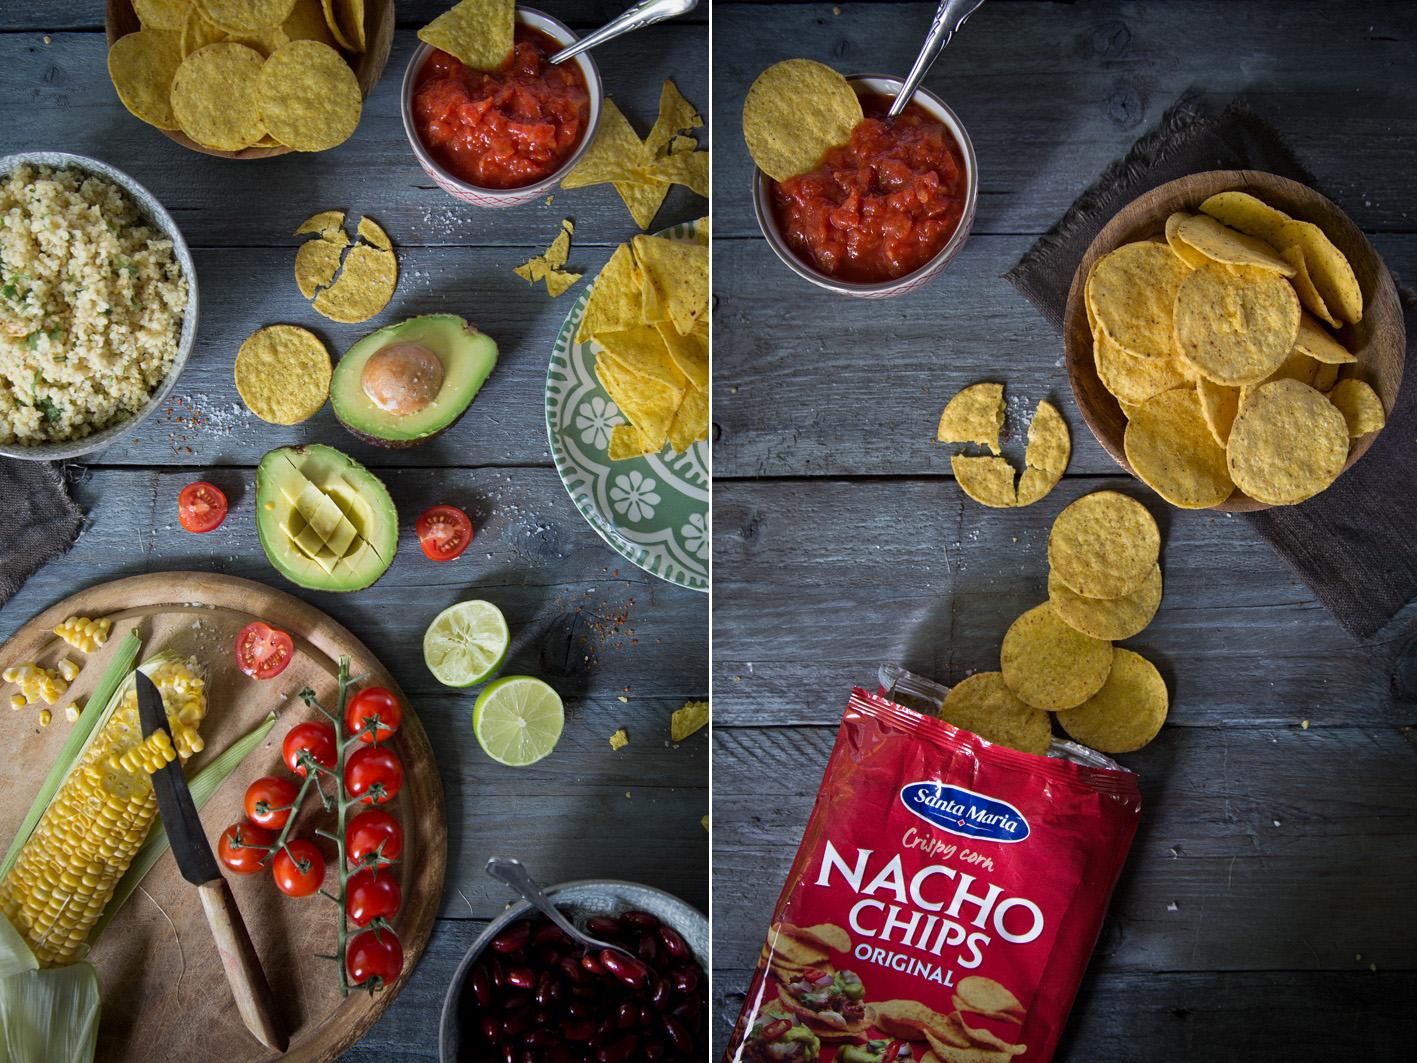 Salat mit Nachos Chips